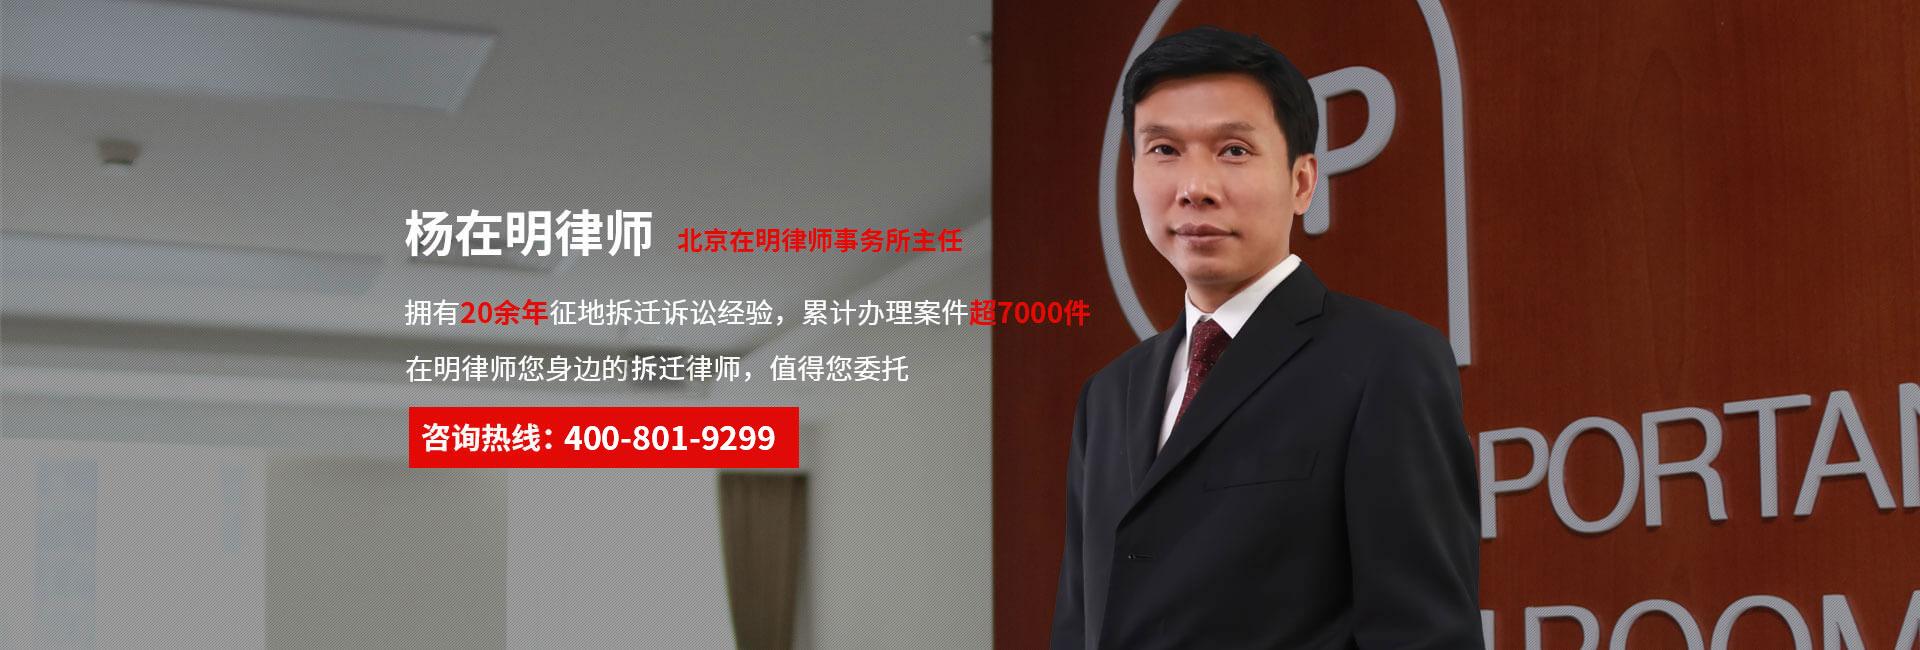 北京拆迁补偿律师